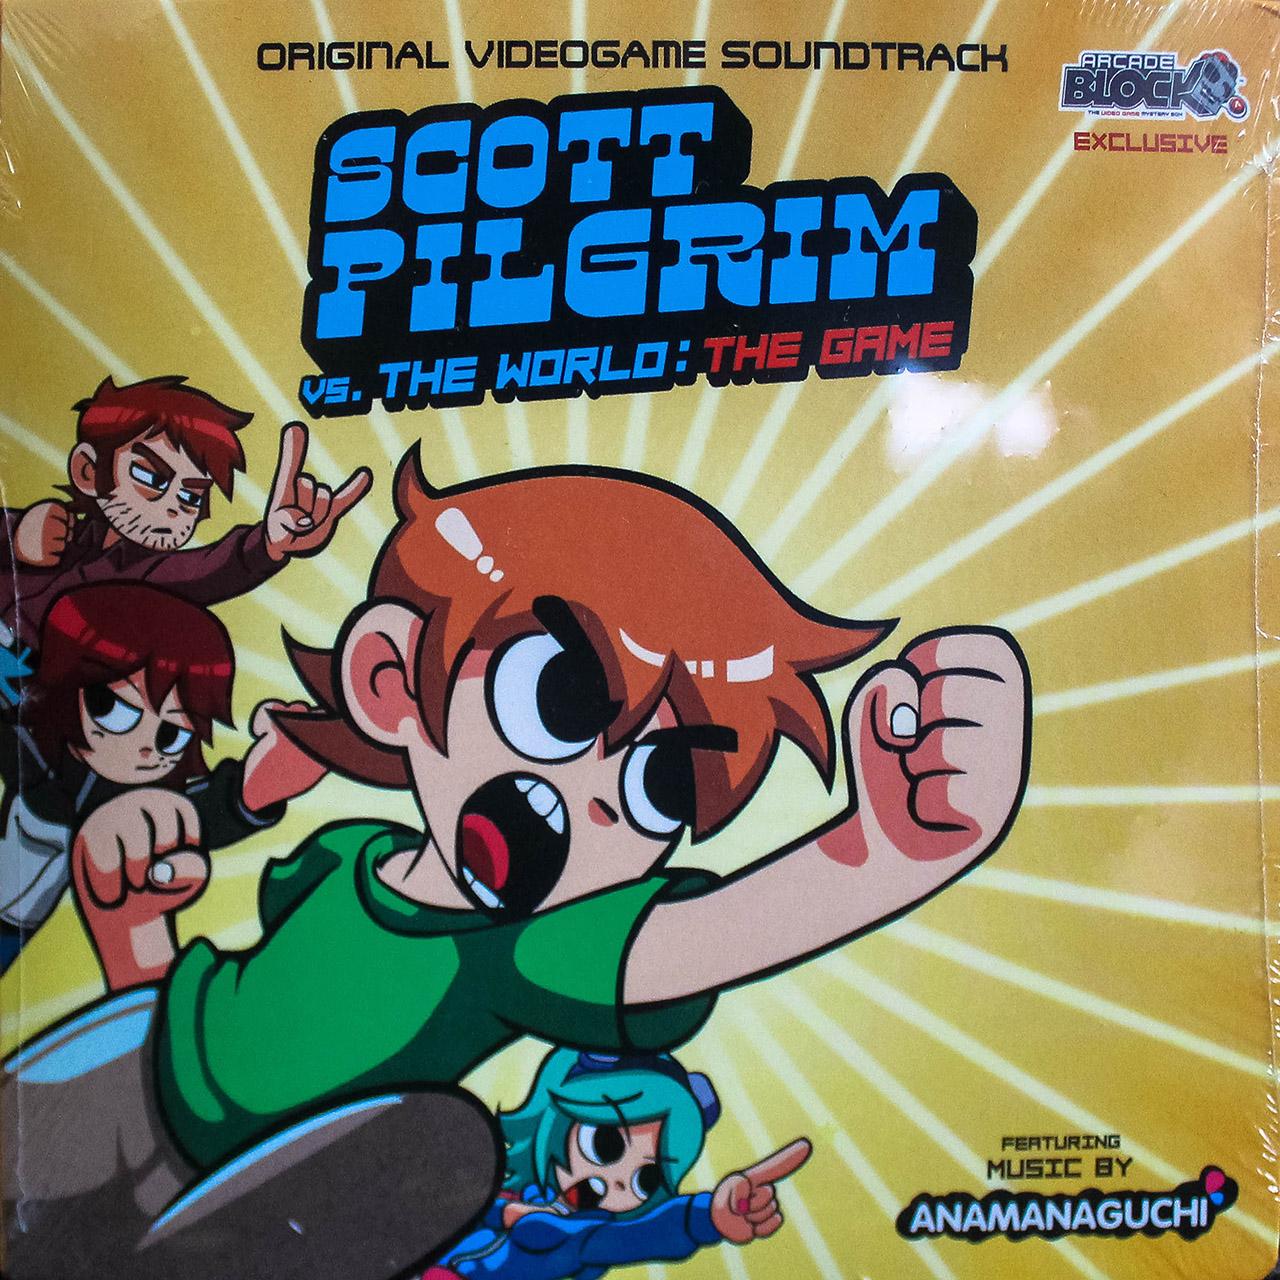 Scott Pilgrim vs. the World: The Game (Original Videogame ...